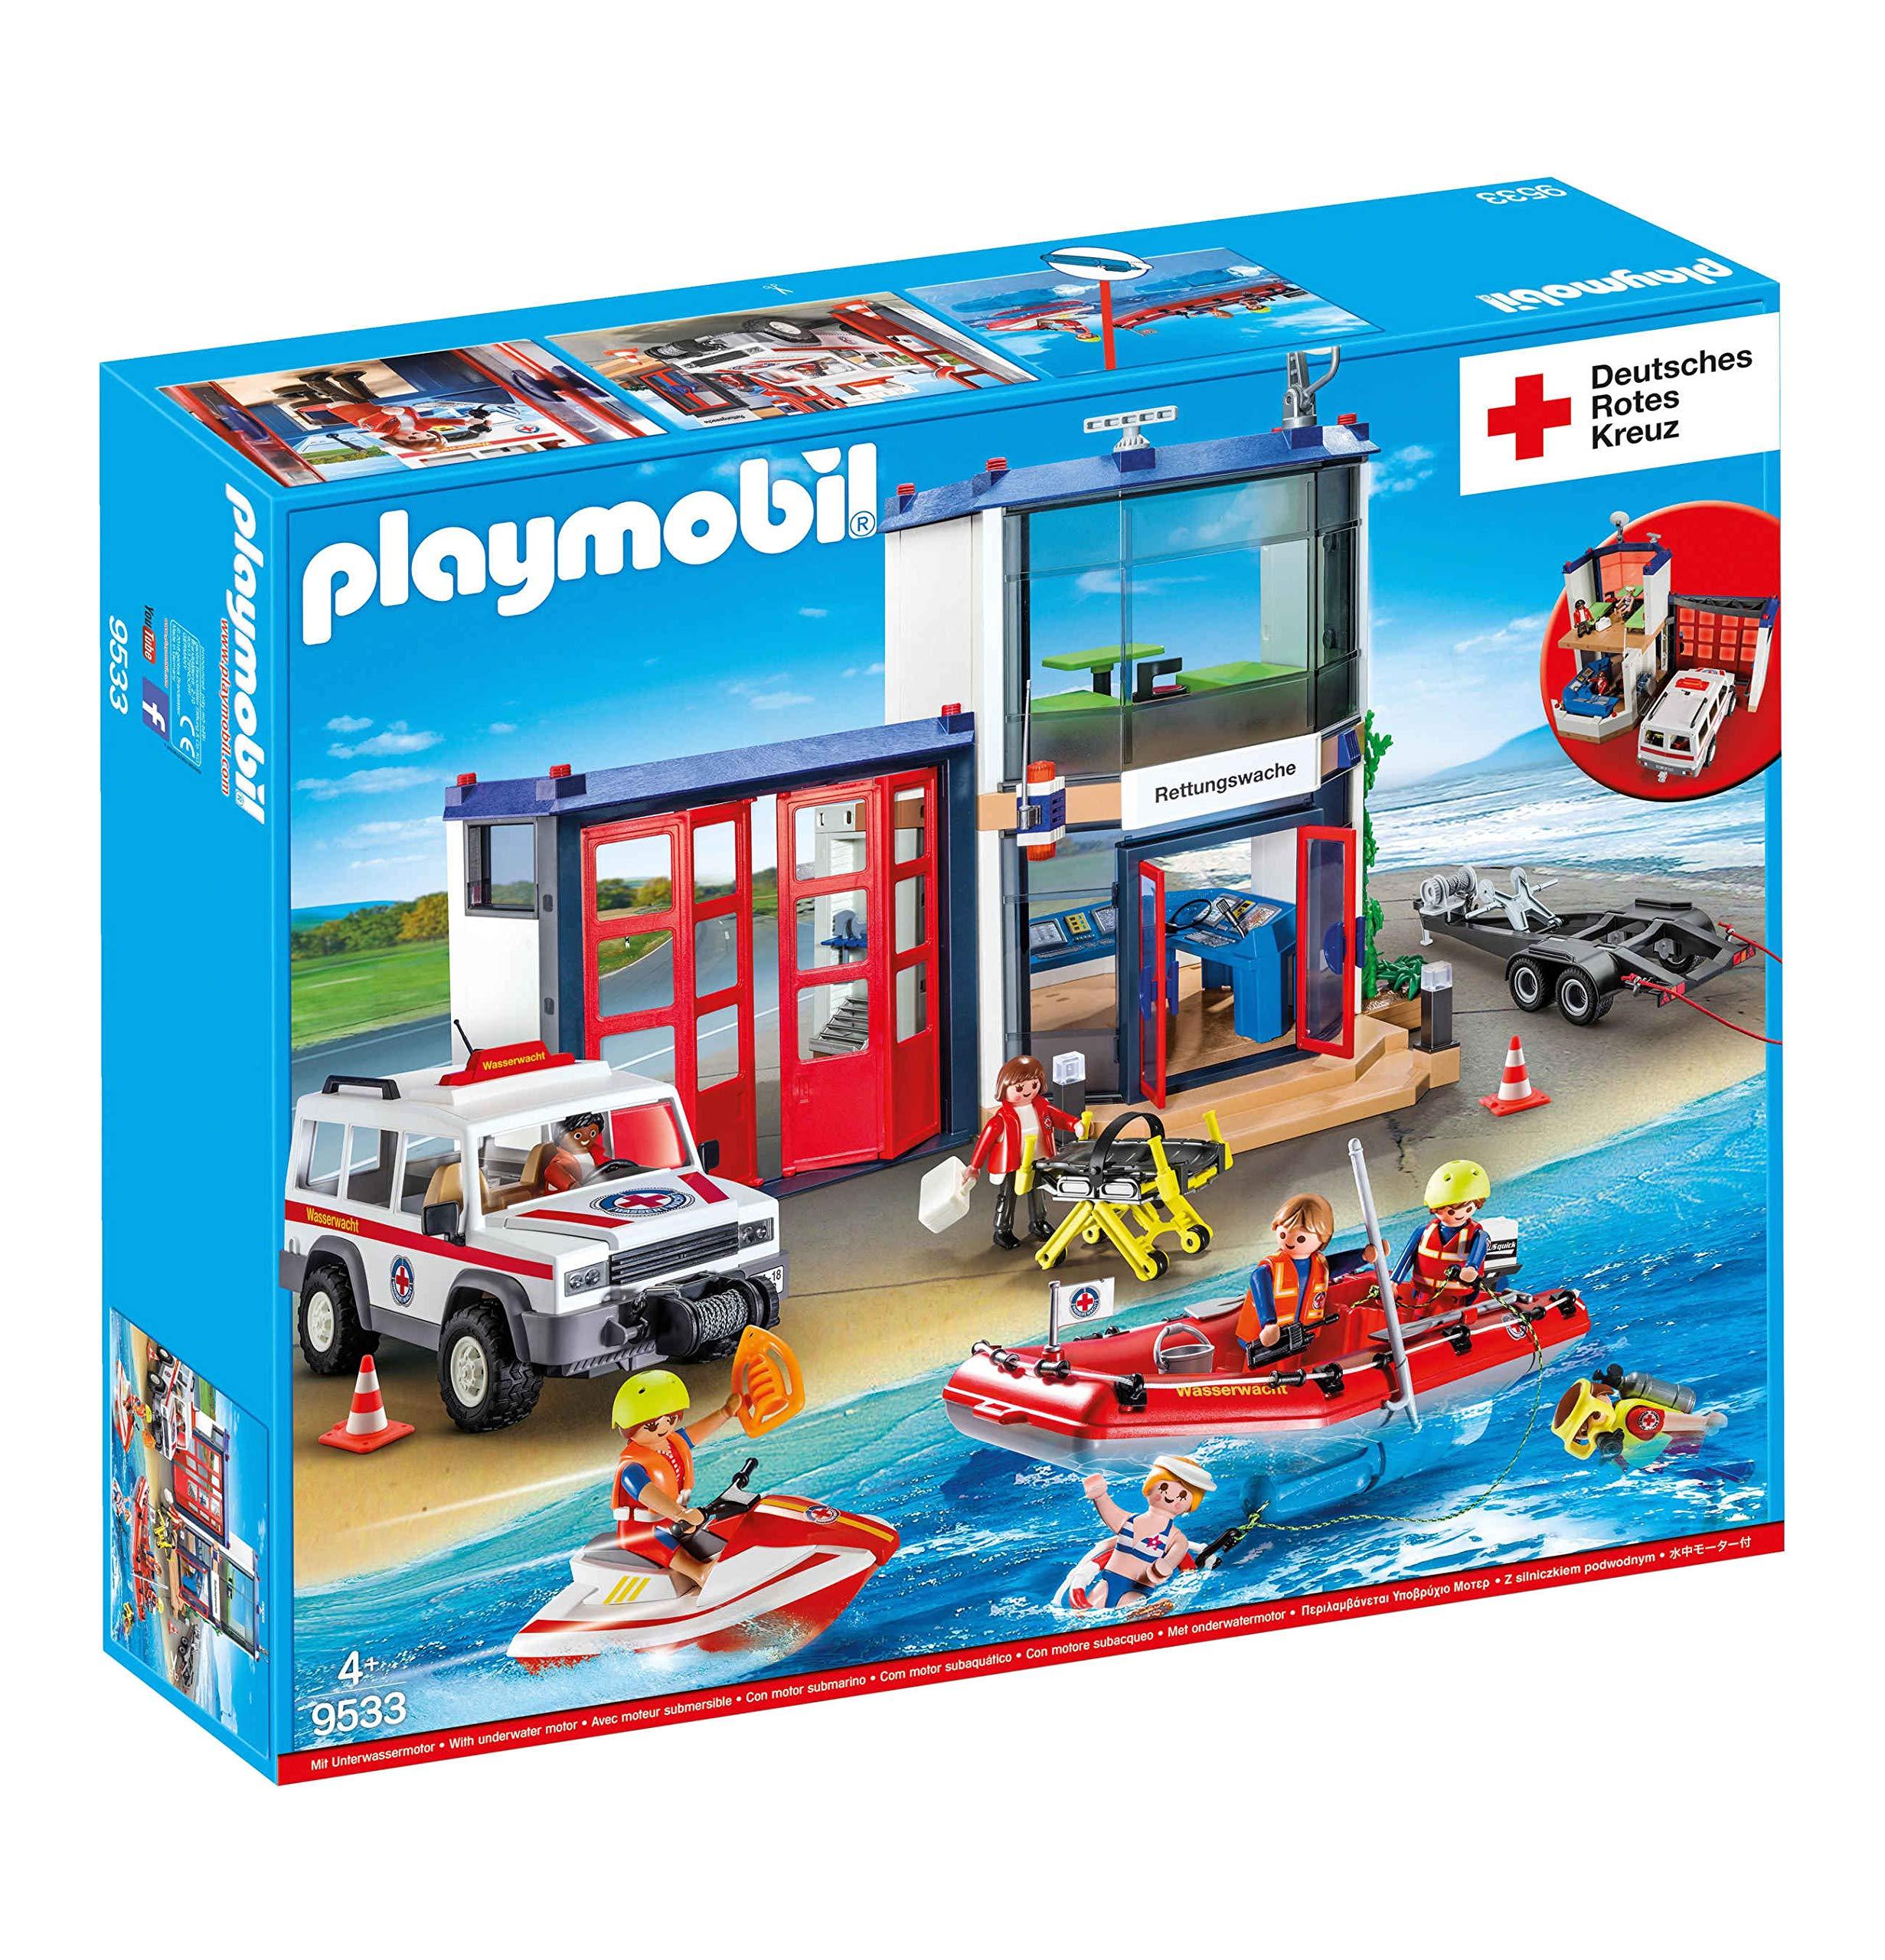 Playmobil 9533 Drk Mega Set - Juego de salvavidas: Amazon.es ...